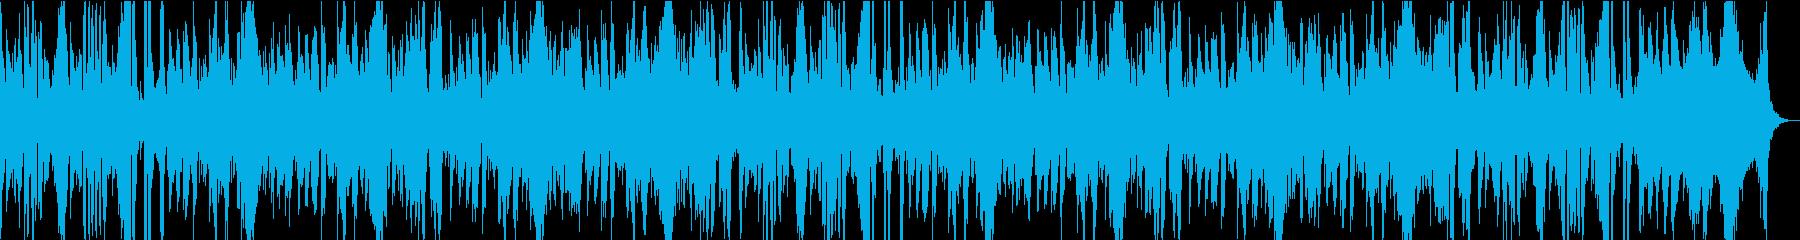 13秒でサビ、おだやか/静かめの再生済みの波形